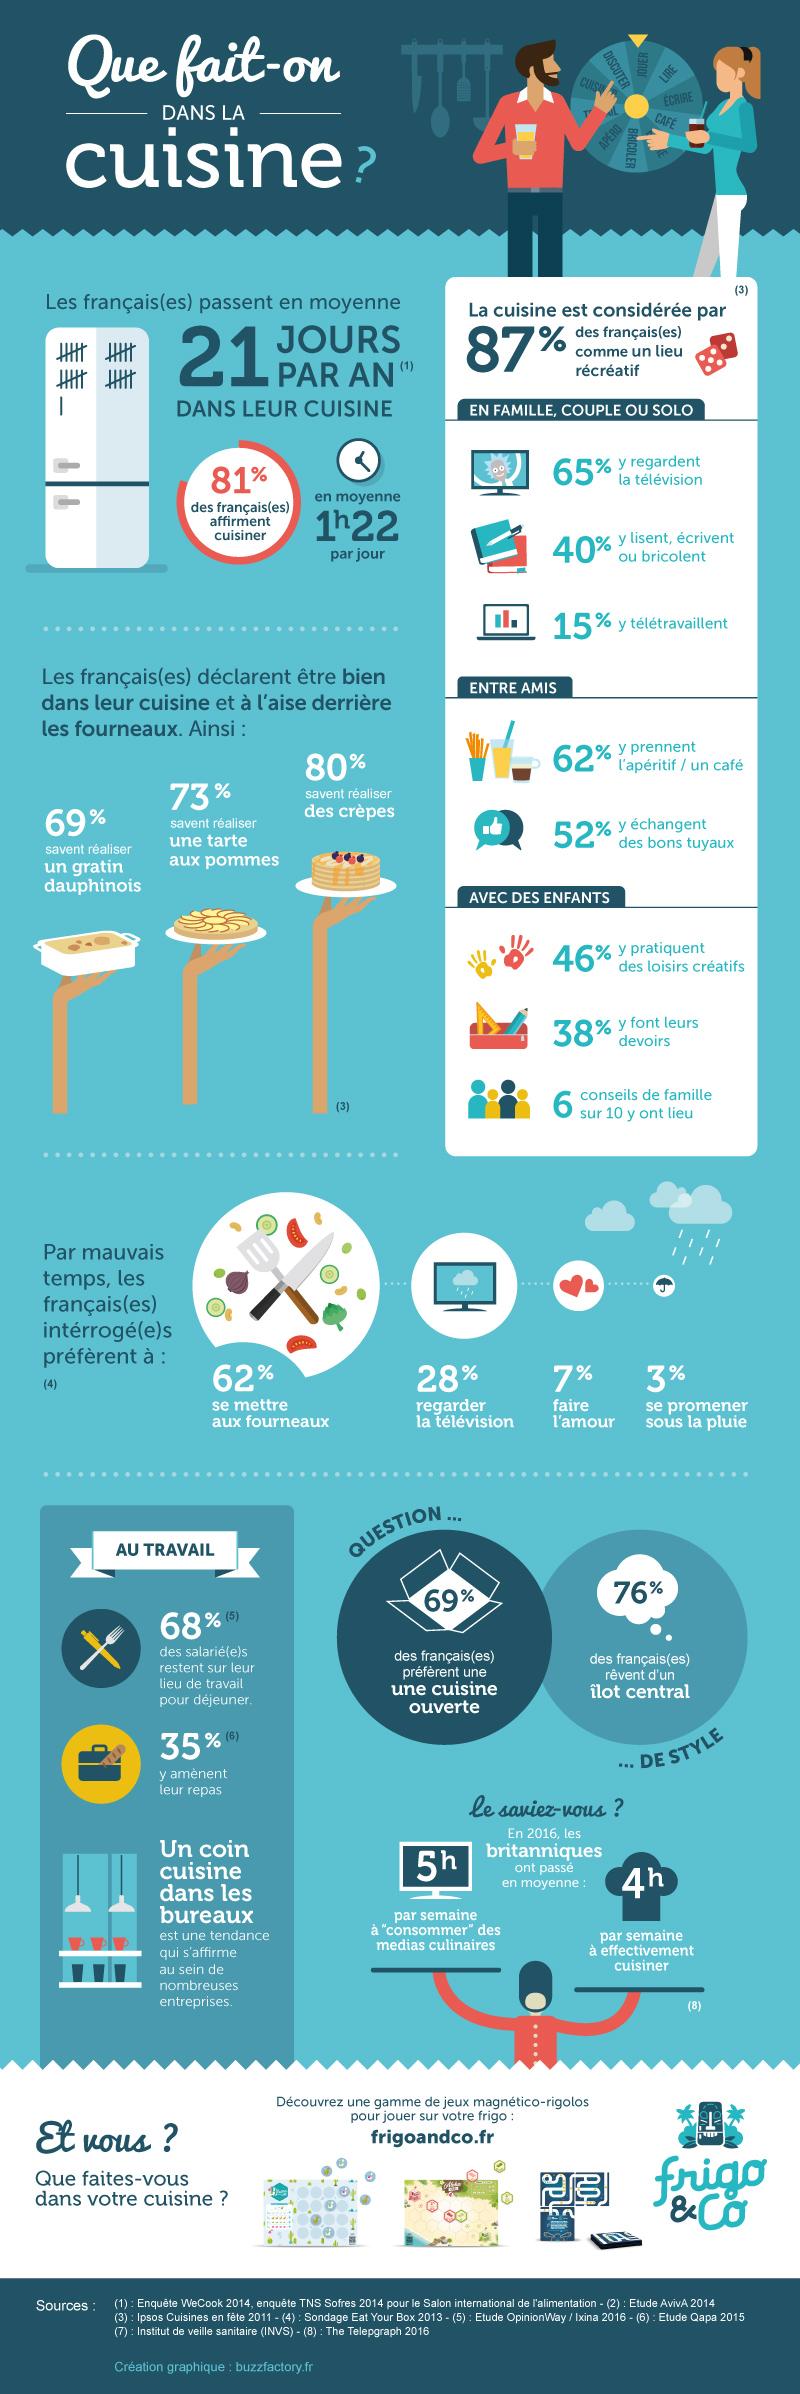 Infographie frigo and co - Infographie : Que fait-on dans la cuisine ? par frigo&co